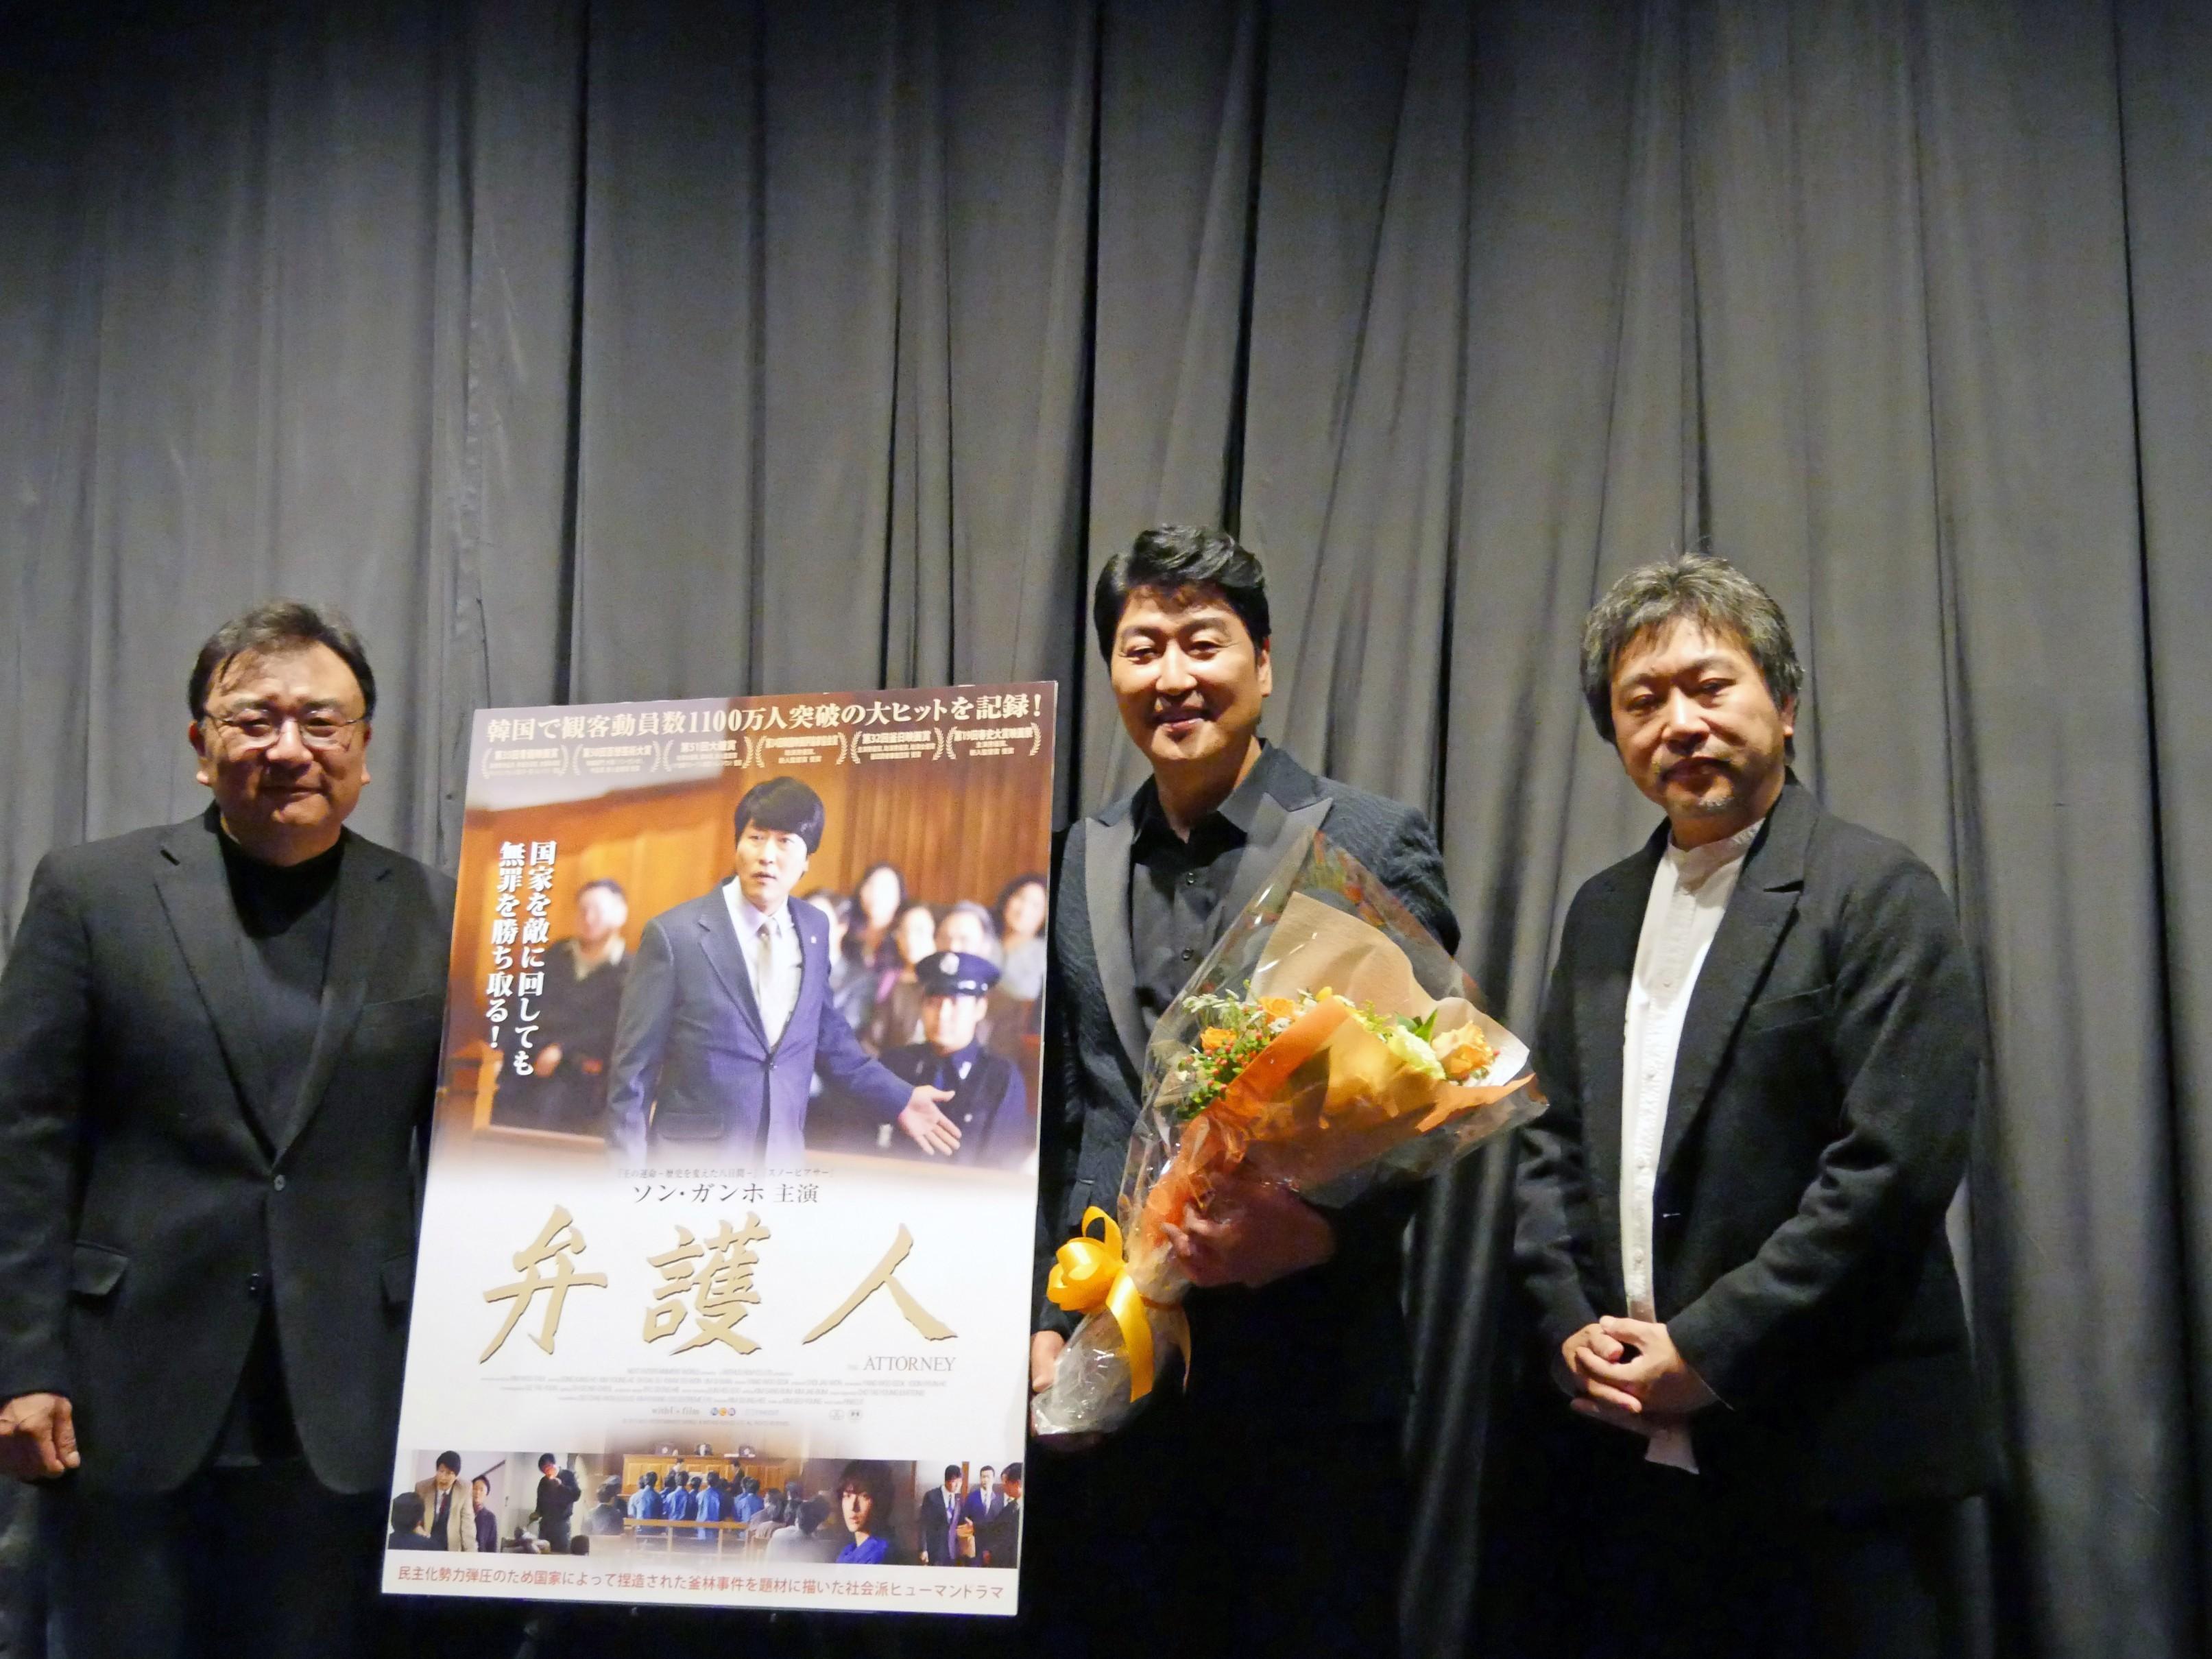 左から、チェ・ジェウォンプロデューサー、ソン・ガンホ、是枝裕和監督